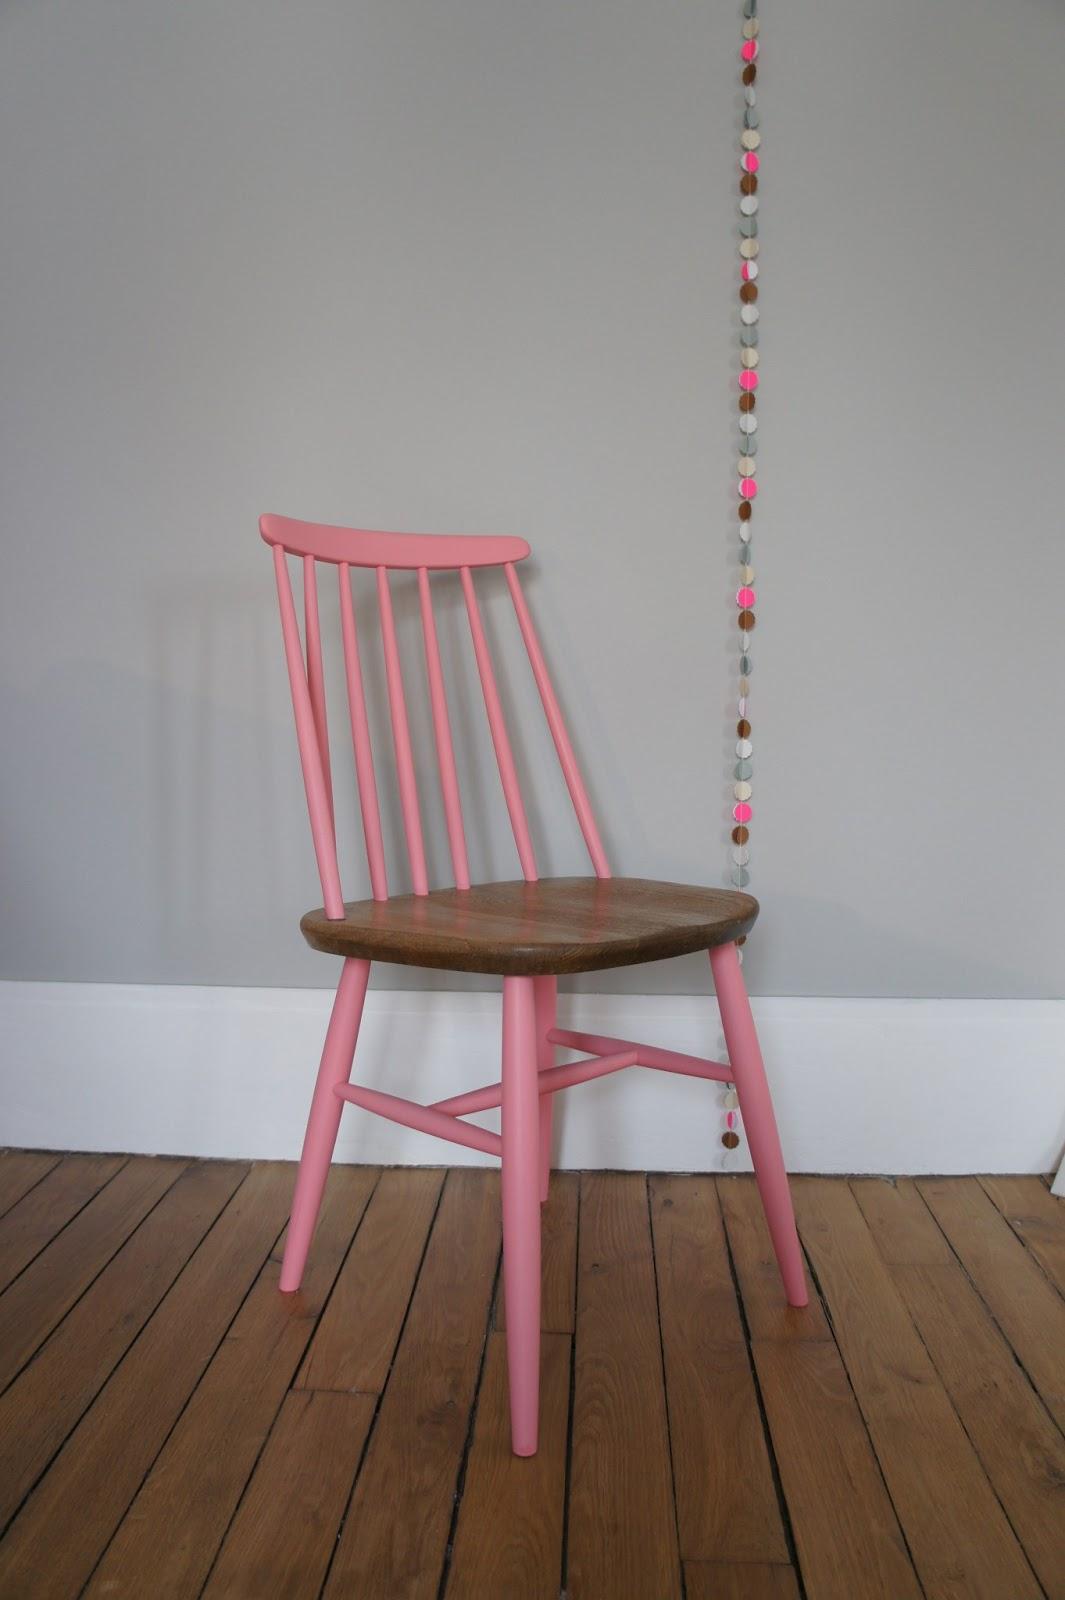 Atelier petit toit les chaises sur commande avril 13 for Les chaises